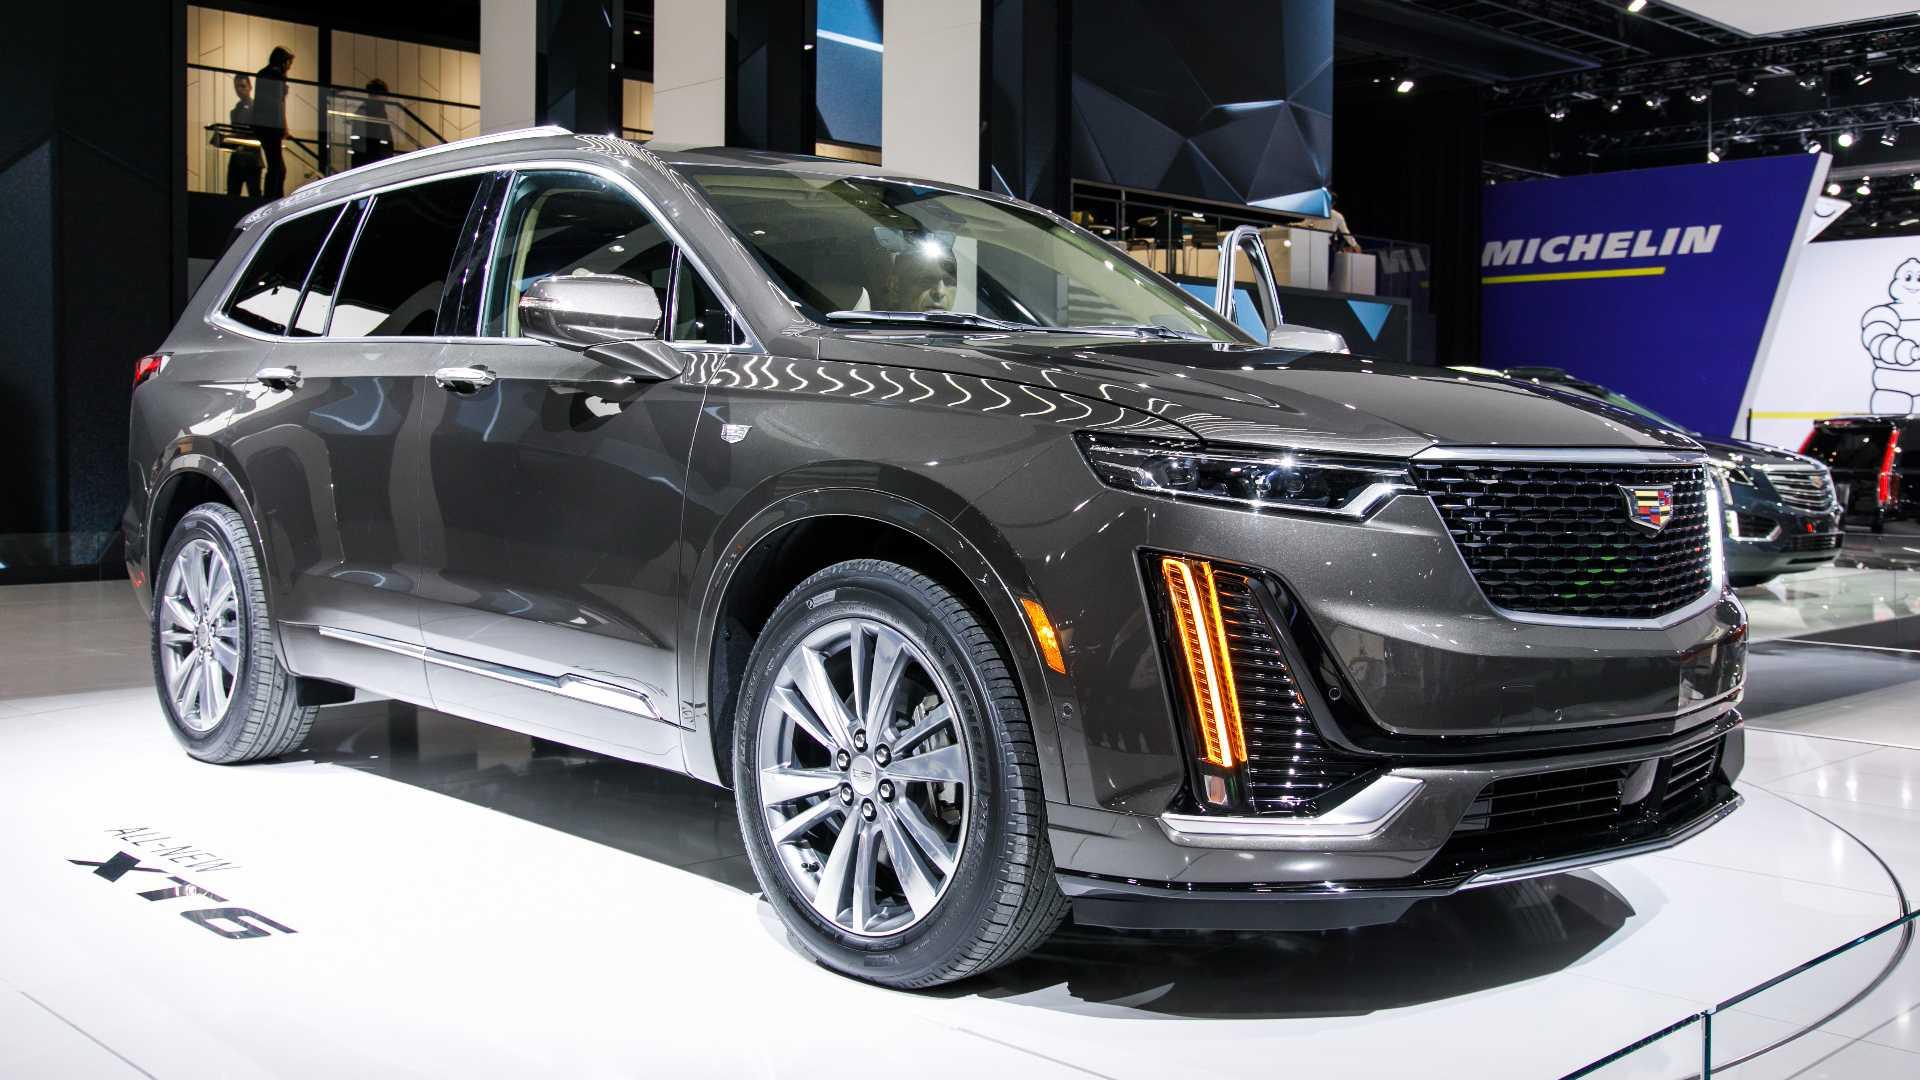 88 All New 2020 Cadillac Xt6 Length Images for 2020 Cadillac Xt6 Length